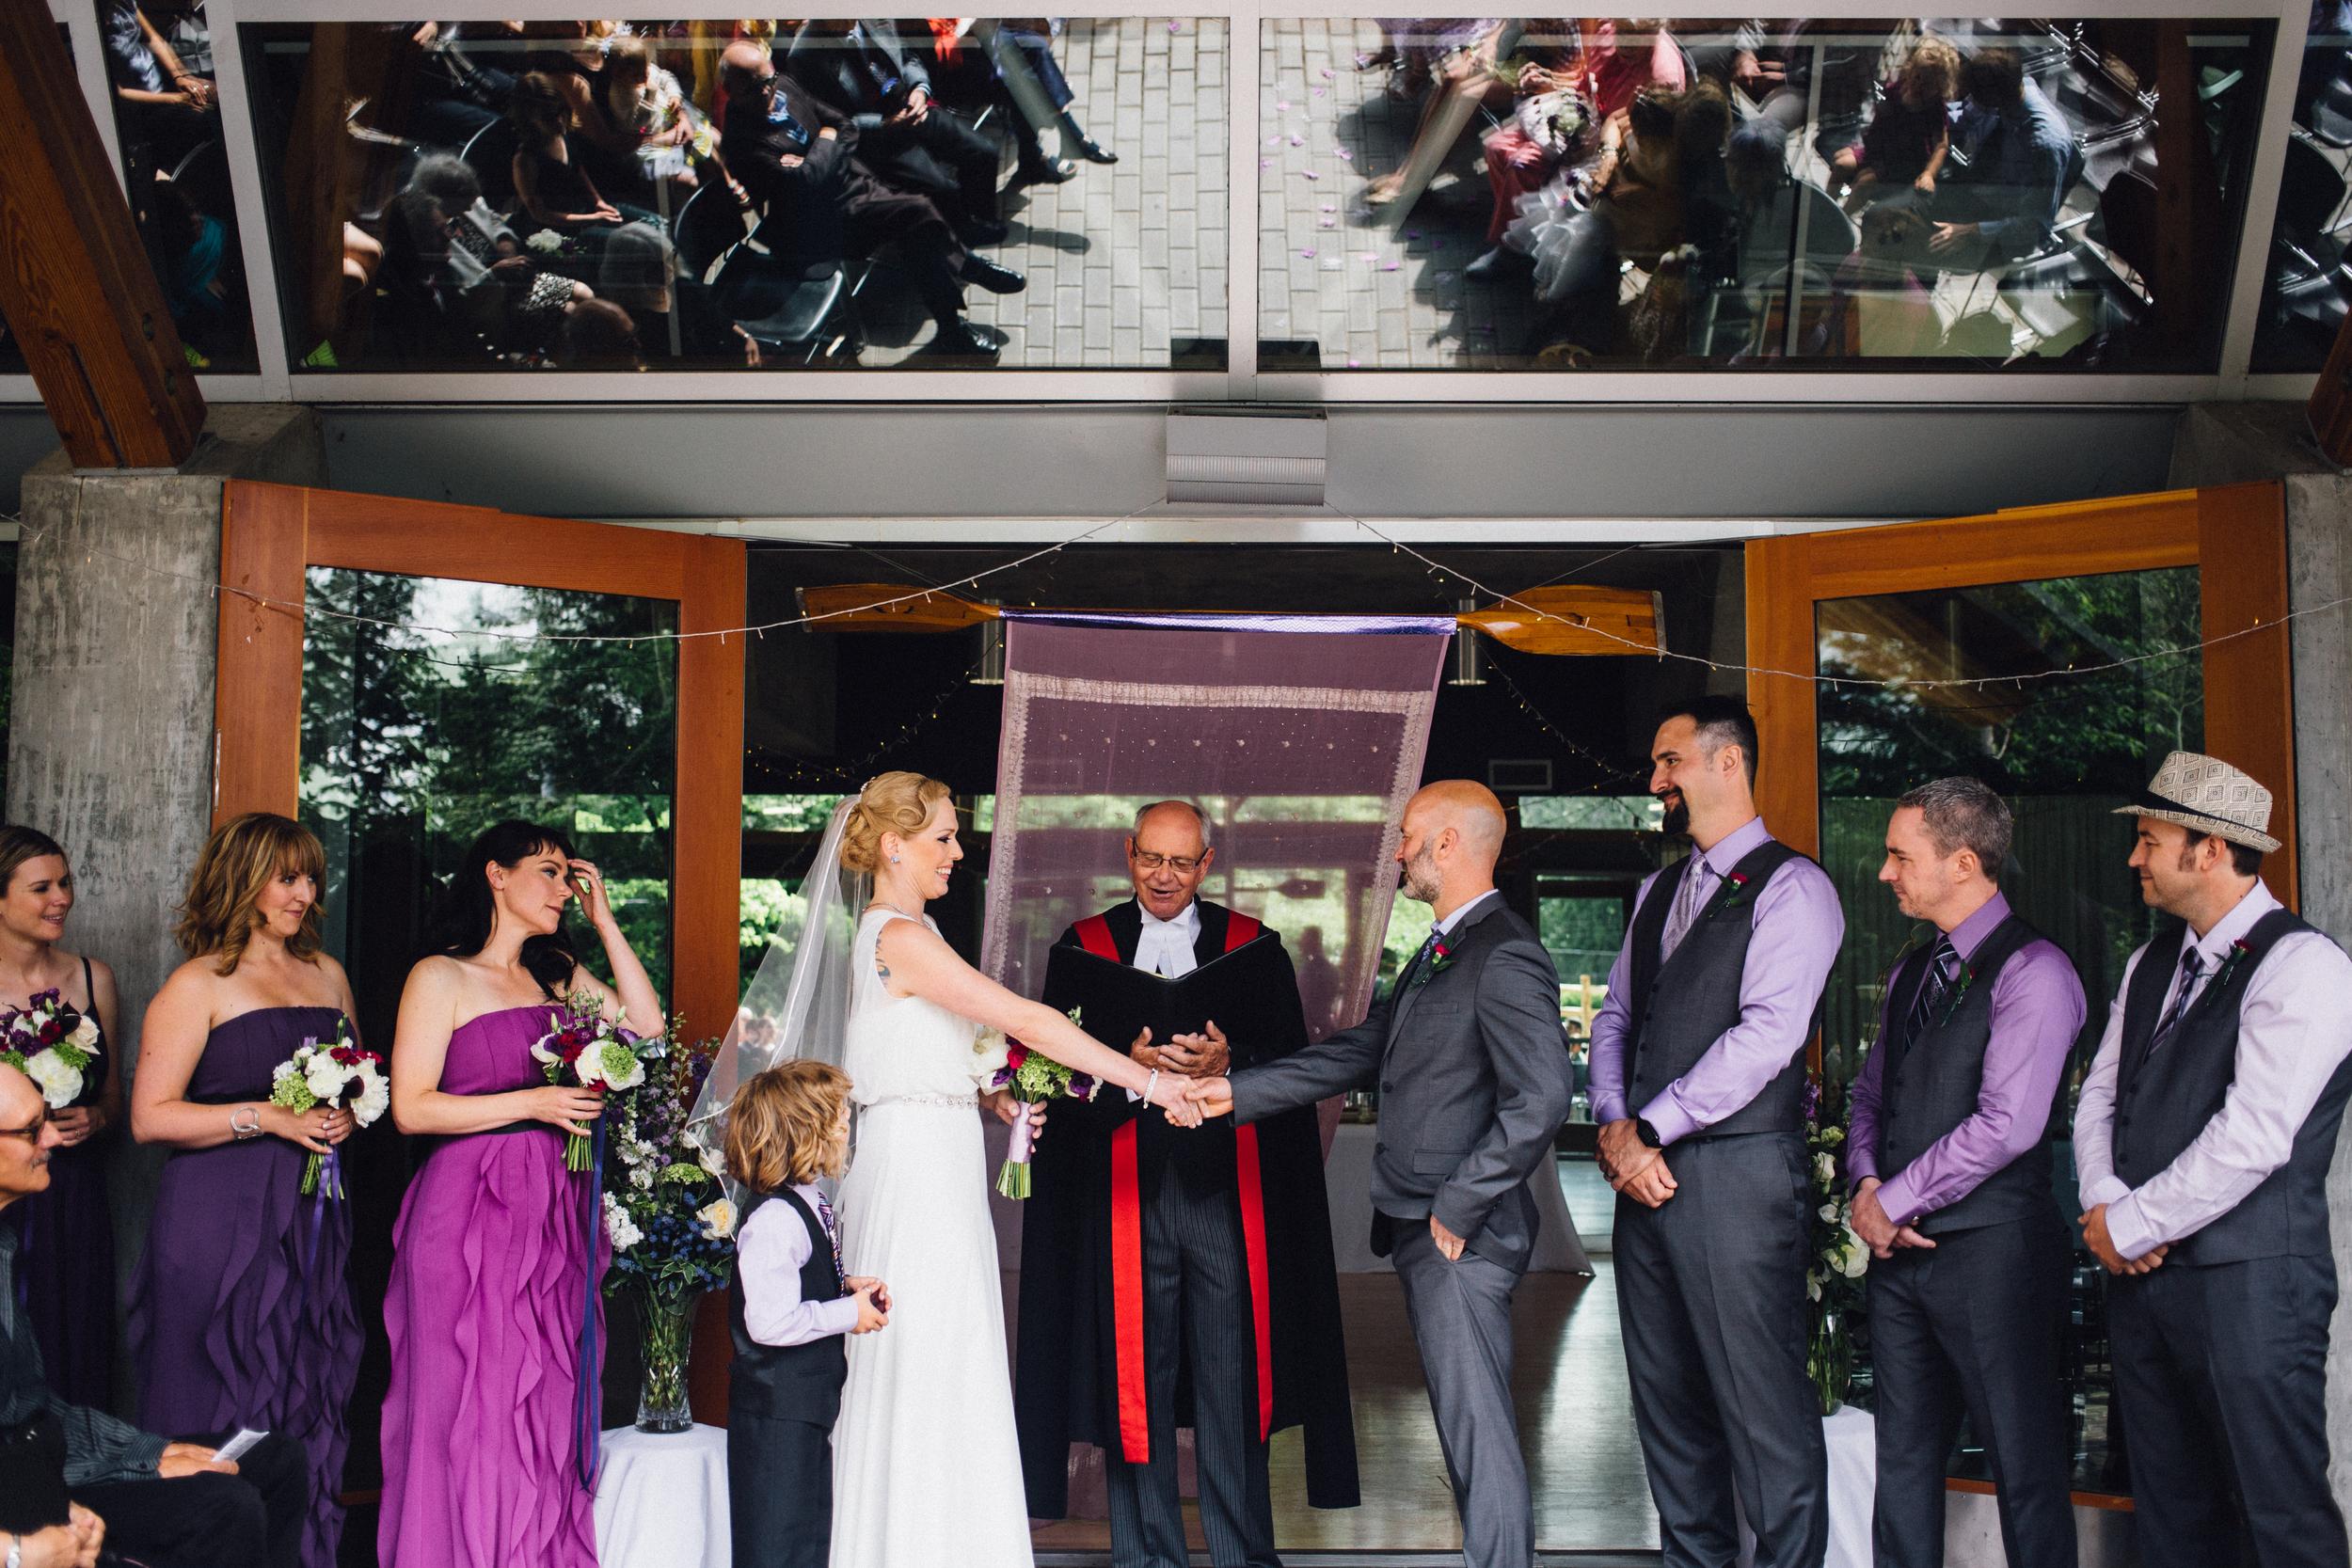 dogwoodphotography_photographer_vancouver_wedding_kimberley (44 of 180).jpg